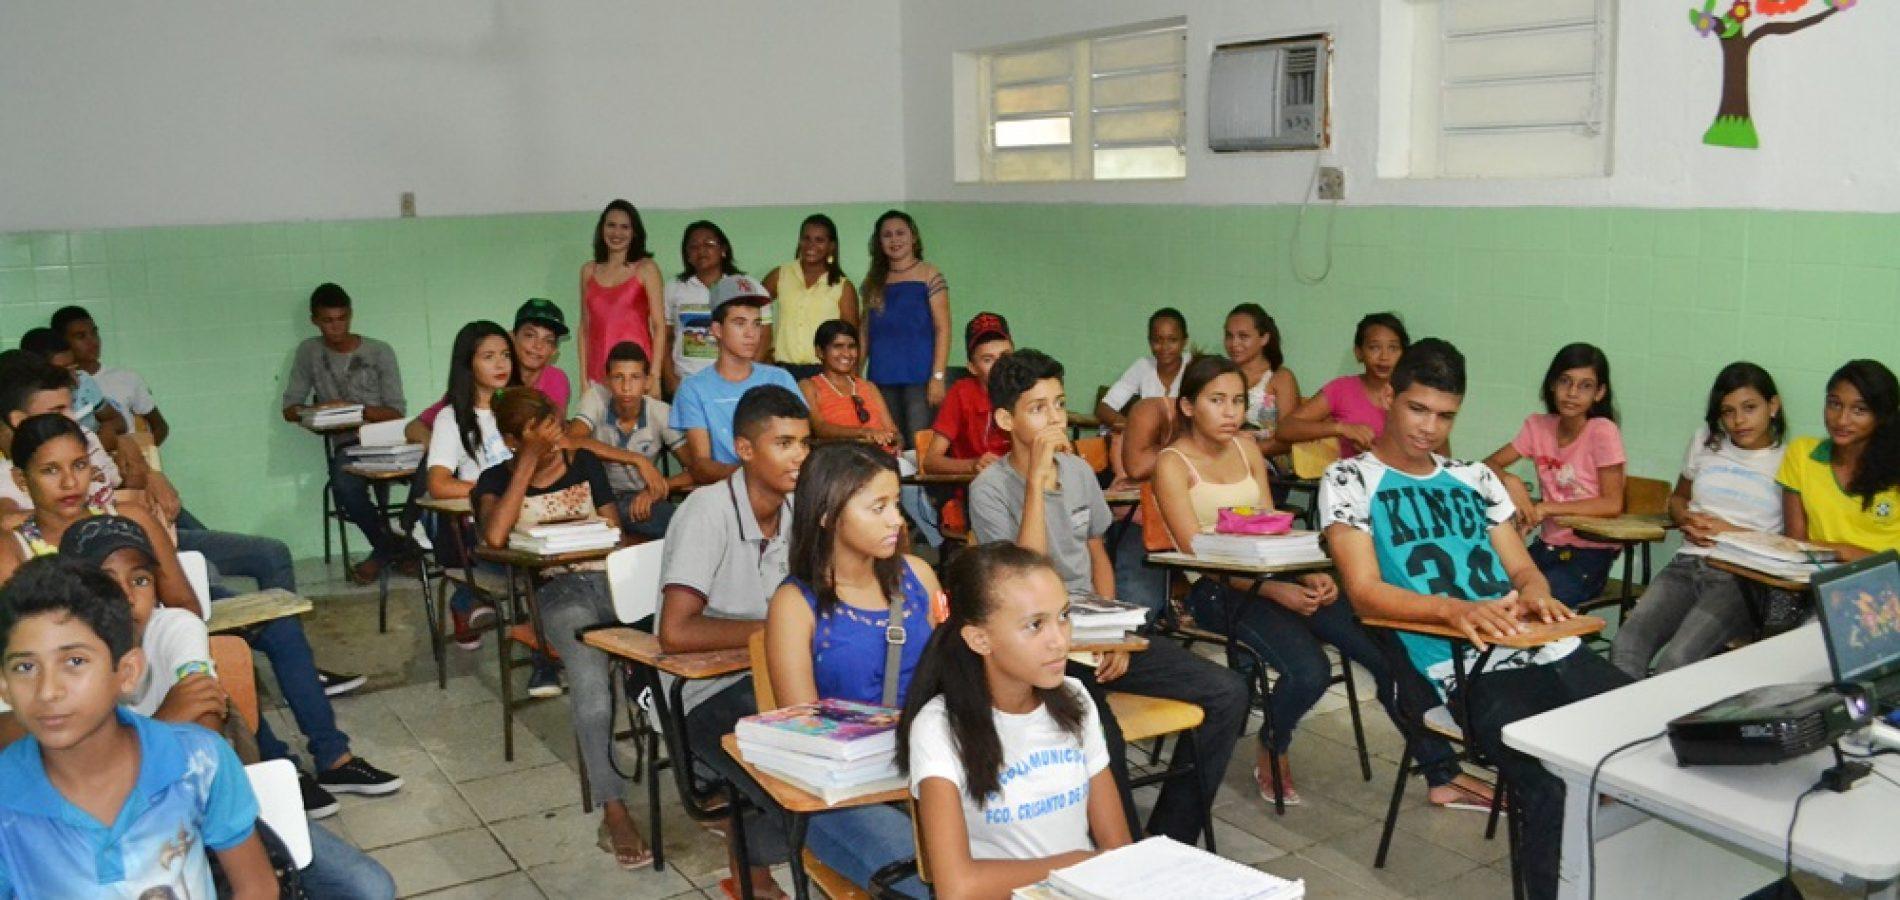 NASF de Jaicós realiza palestra sobre abuso sexual na escola Francisco Crisanto